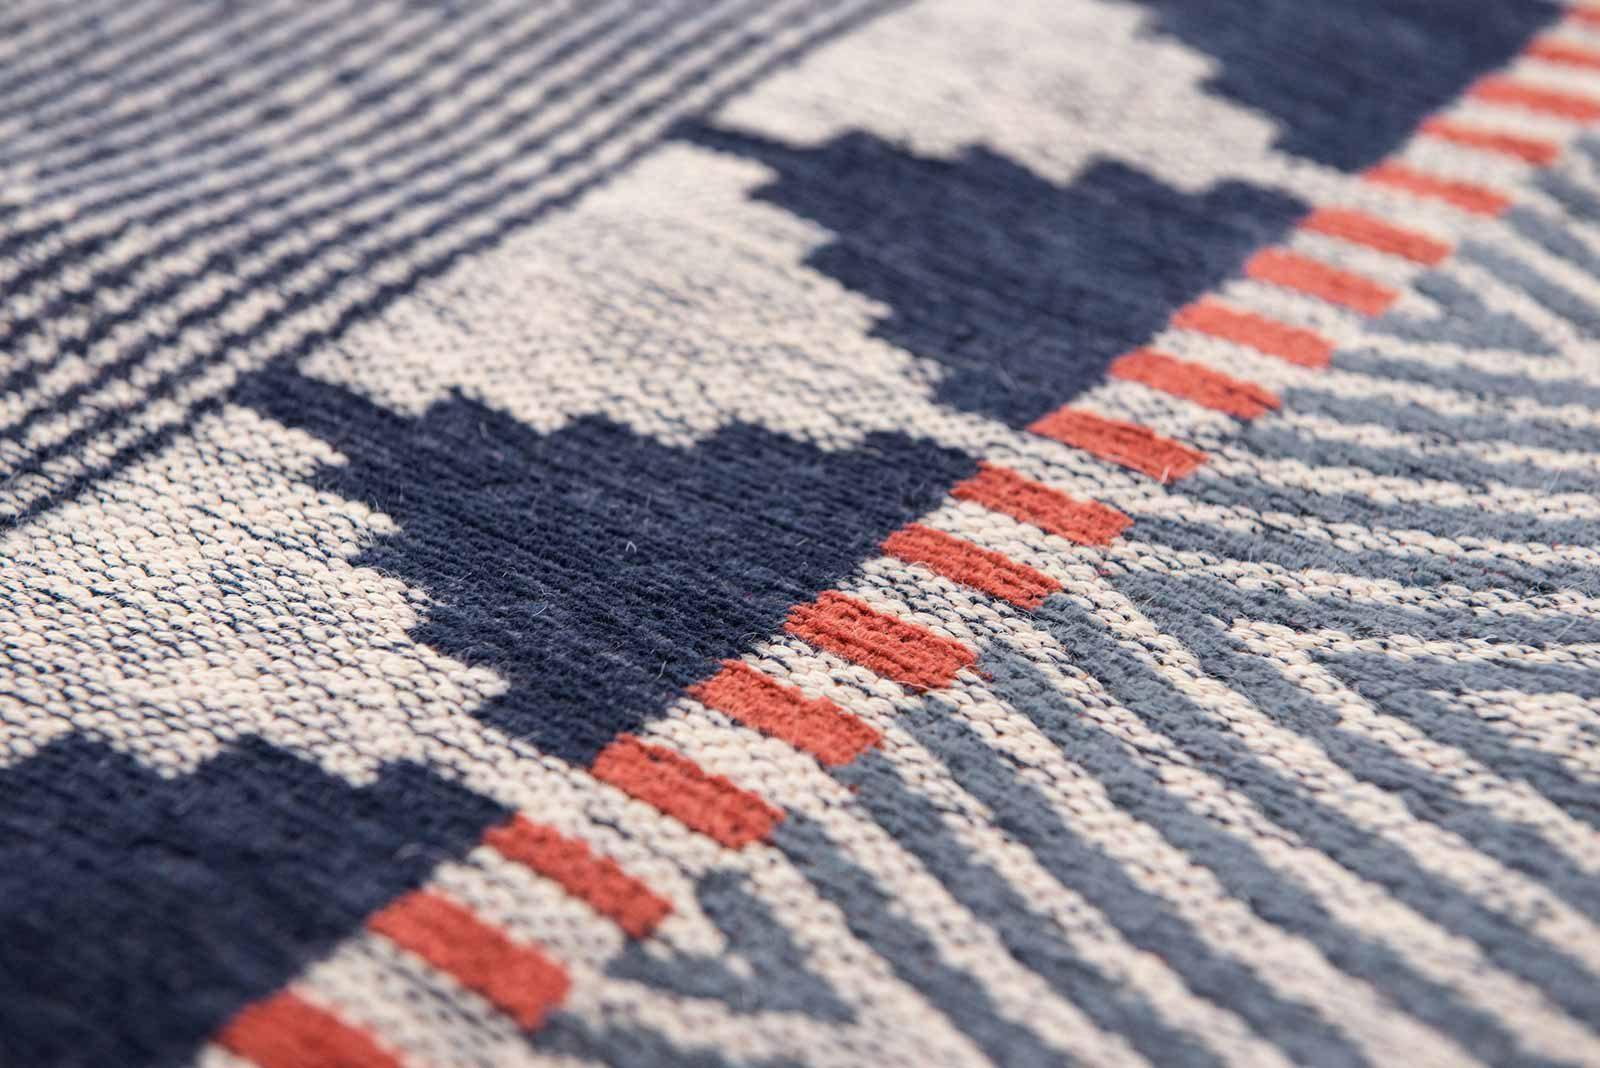 Louis De Poortere rugs Villa Nova LX 8767 Tobi Indigo Tabasco zoom 2